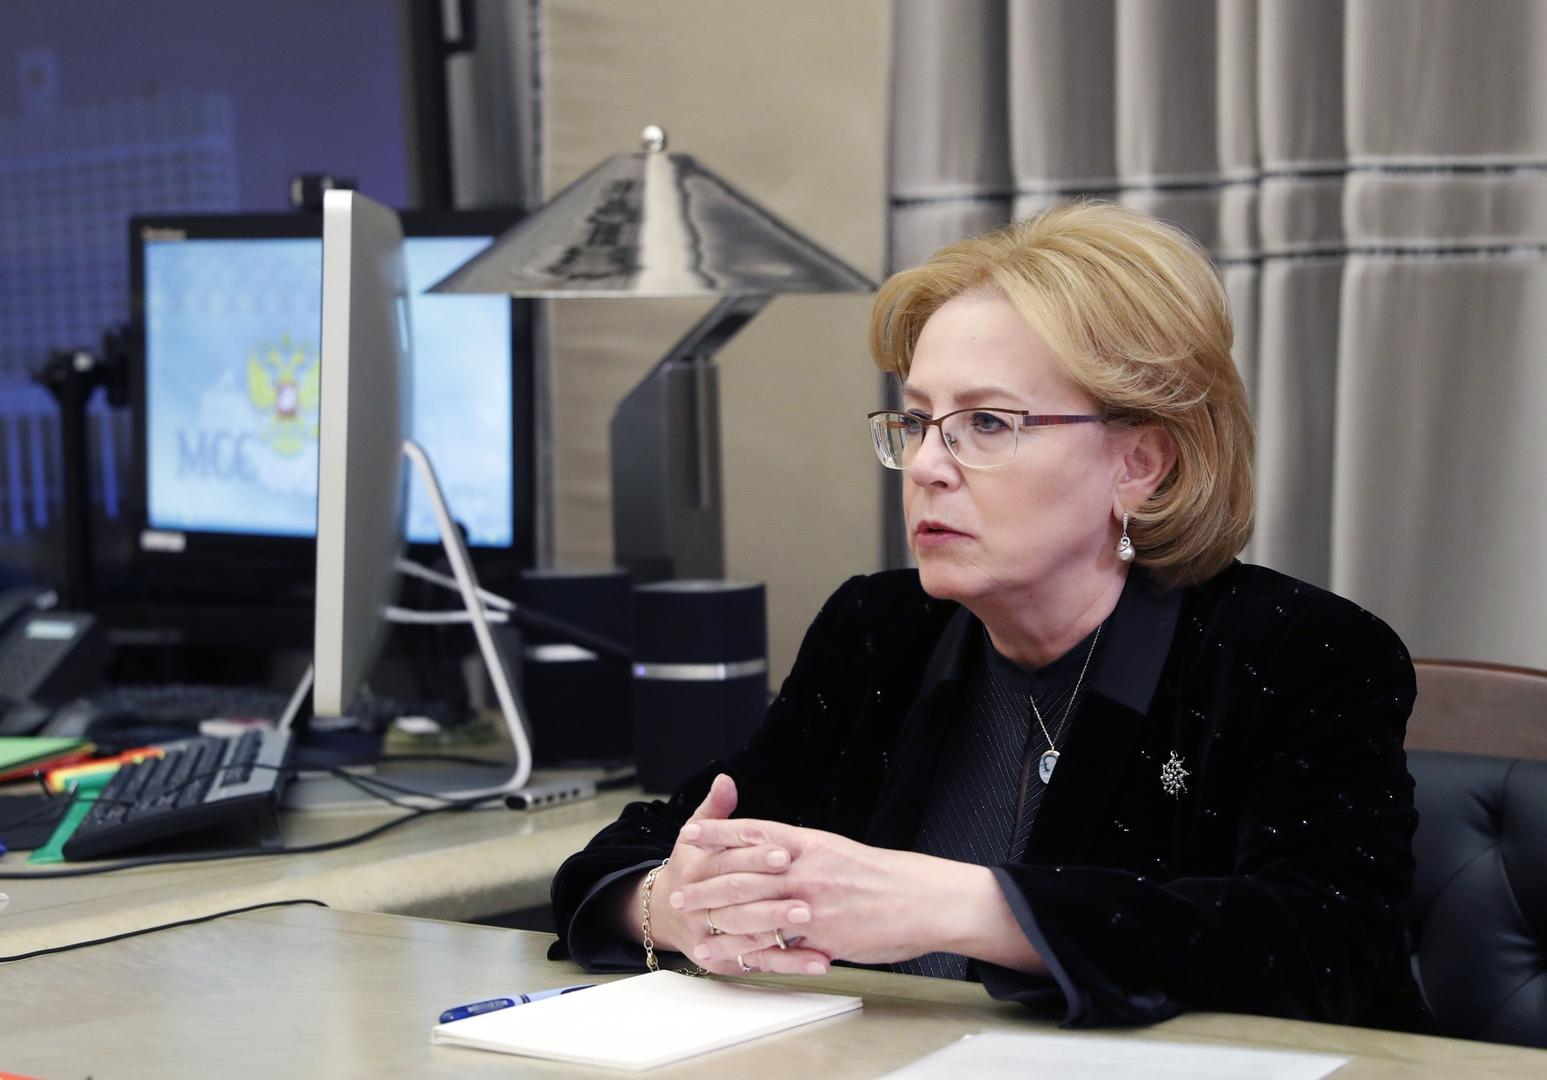 رئيسة الوكالة الفدرالية الروسية للأبحاث الطبية والبيولوجية، فيرونيكا سكفورتسوفا